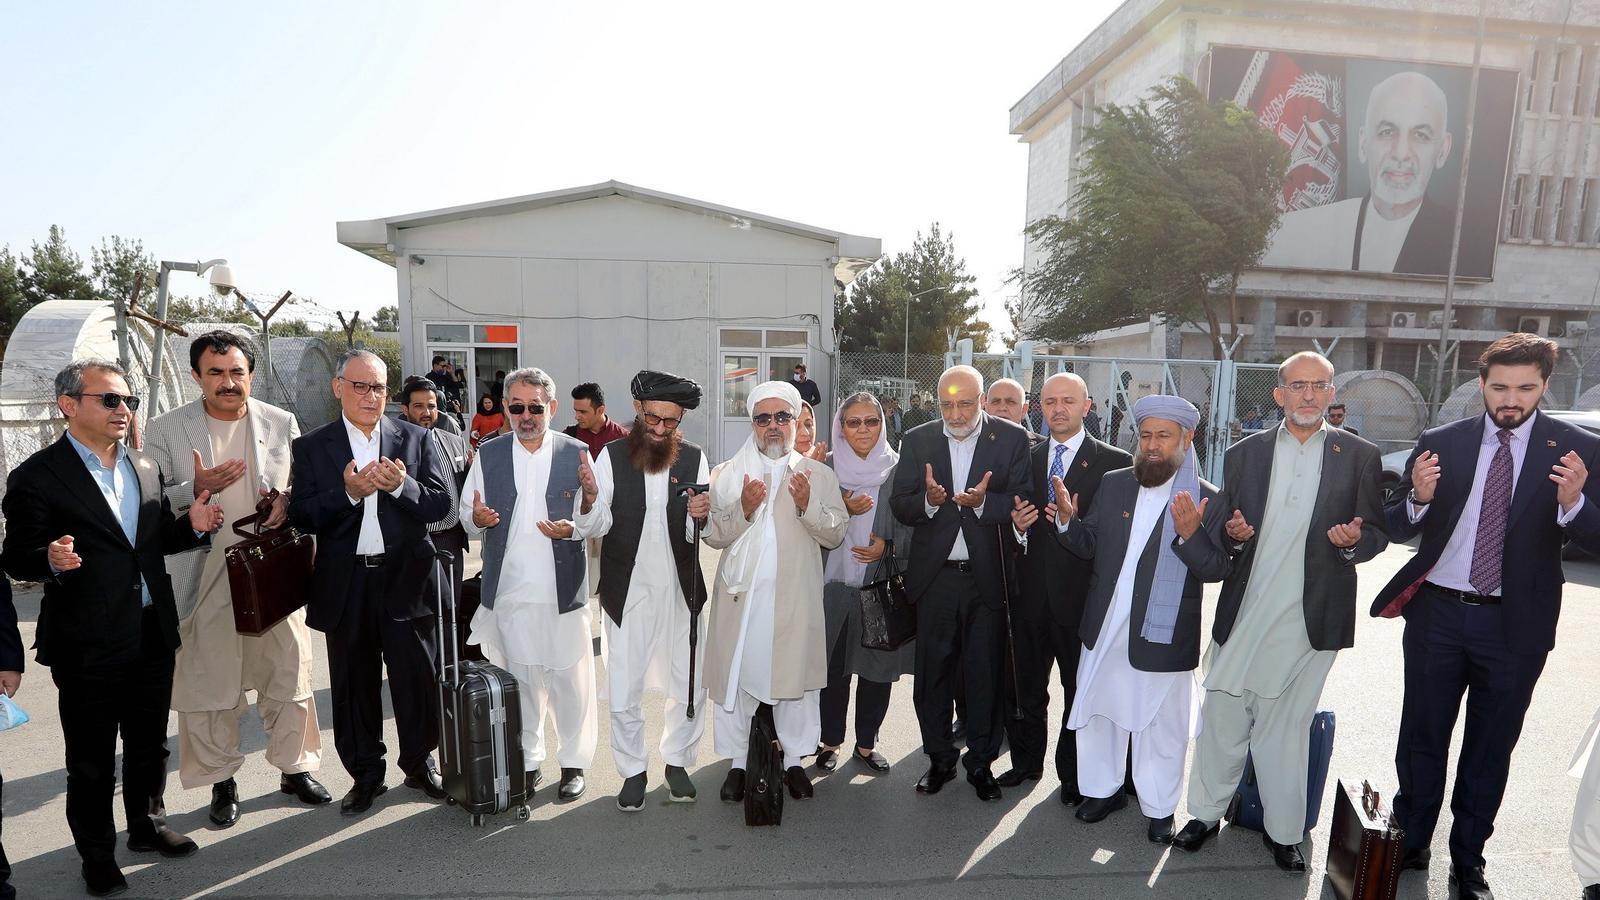 Part de l'equip negociador del govern afganès resa a l'aeroport de Kabul abans d'emprendre el viatge a Doha